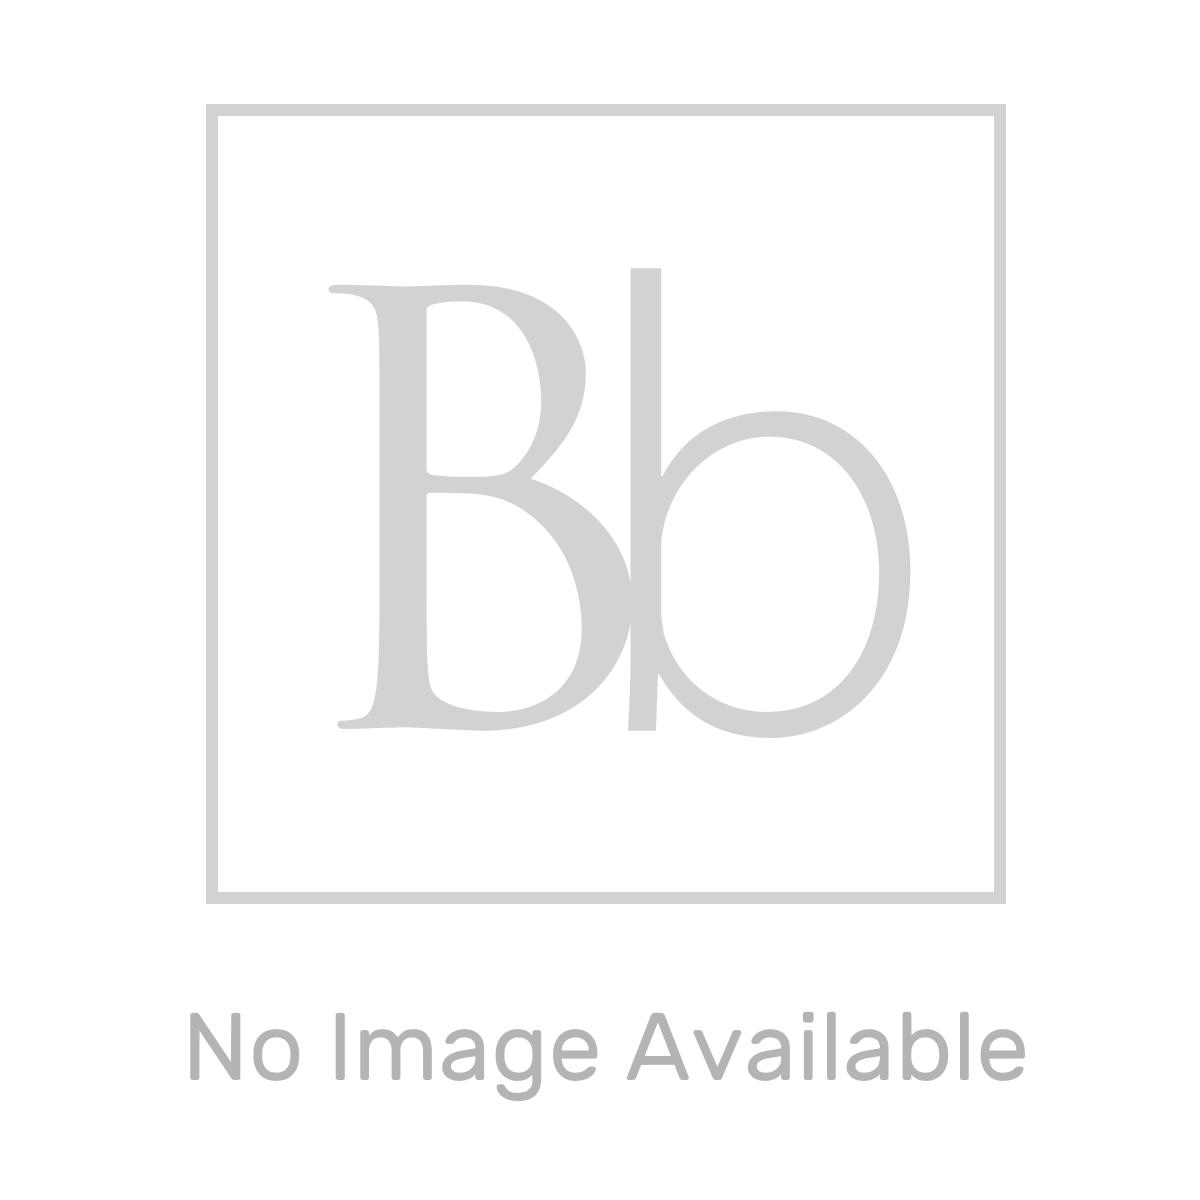 Nuie Athena Natural Oak 2 Door Floor Standing Vanity Unit with 18mm Profile Basin 500mm